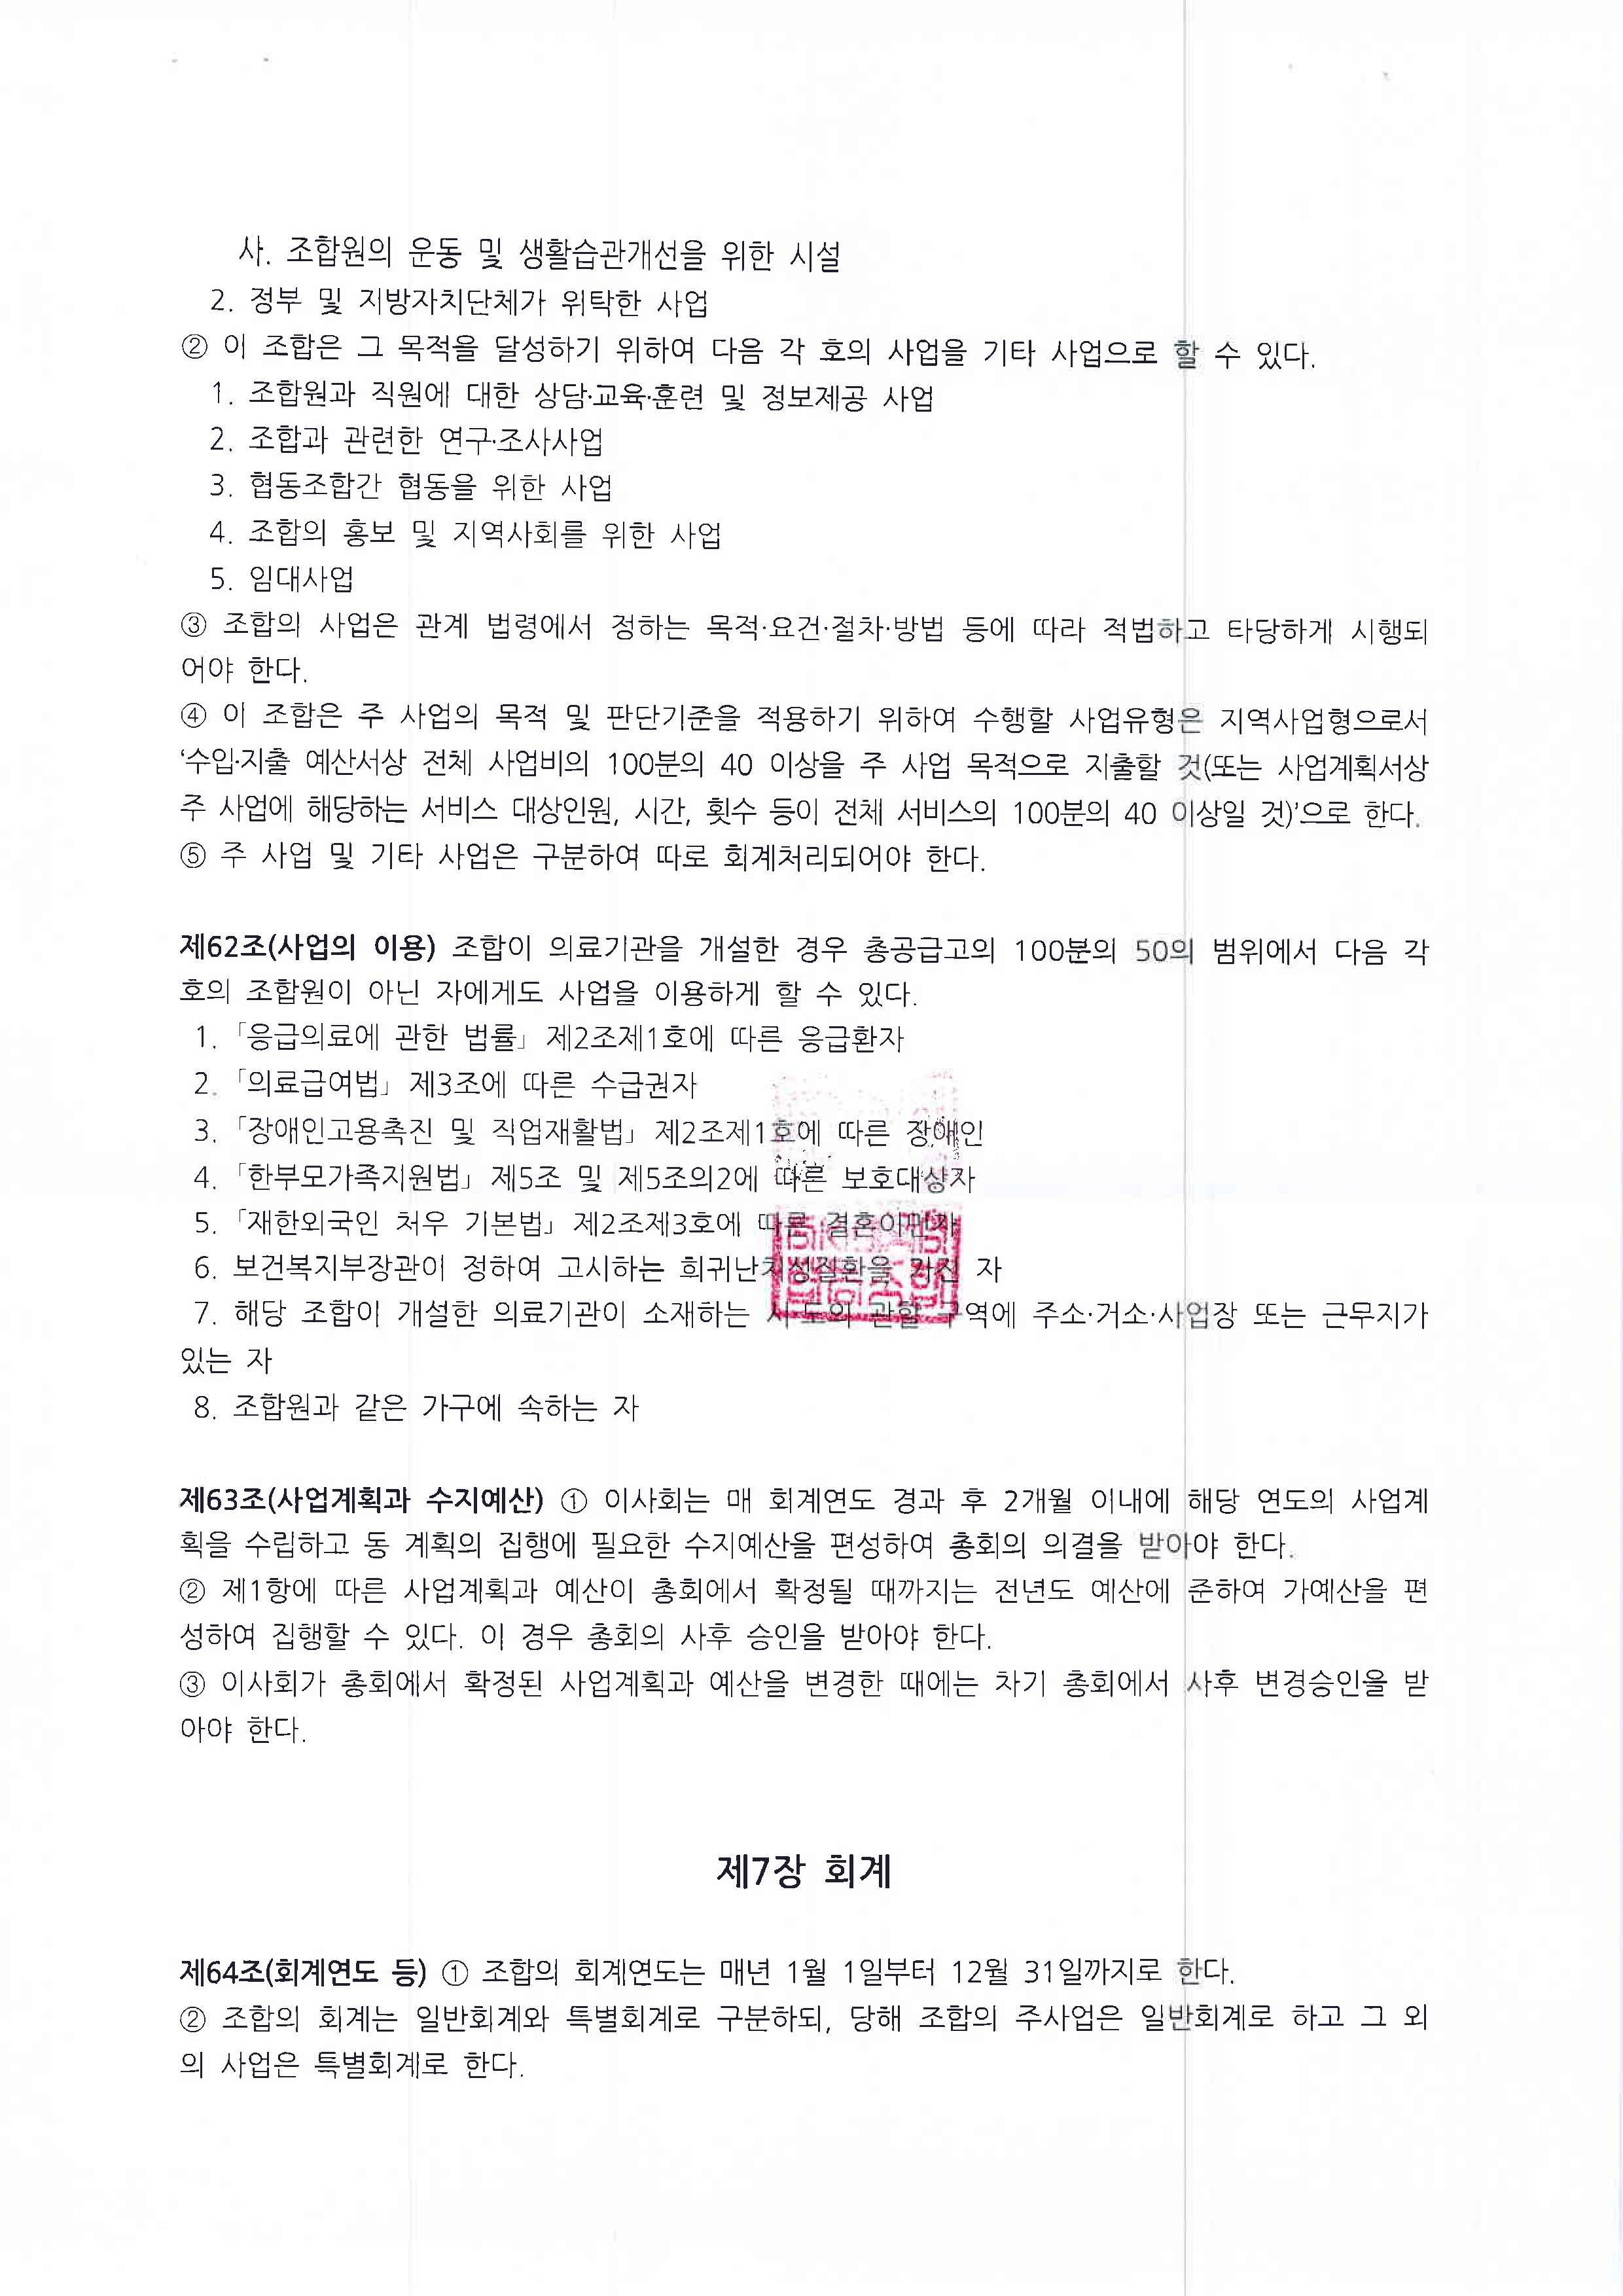 정관(20차 총회 개정안 반영)-원본대조필_페이지_15.jpg